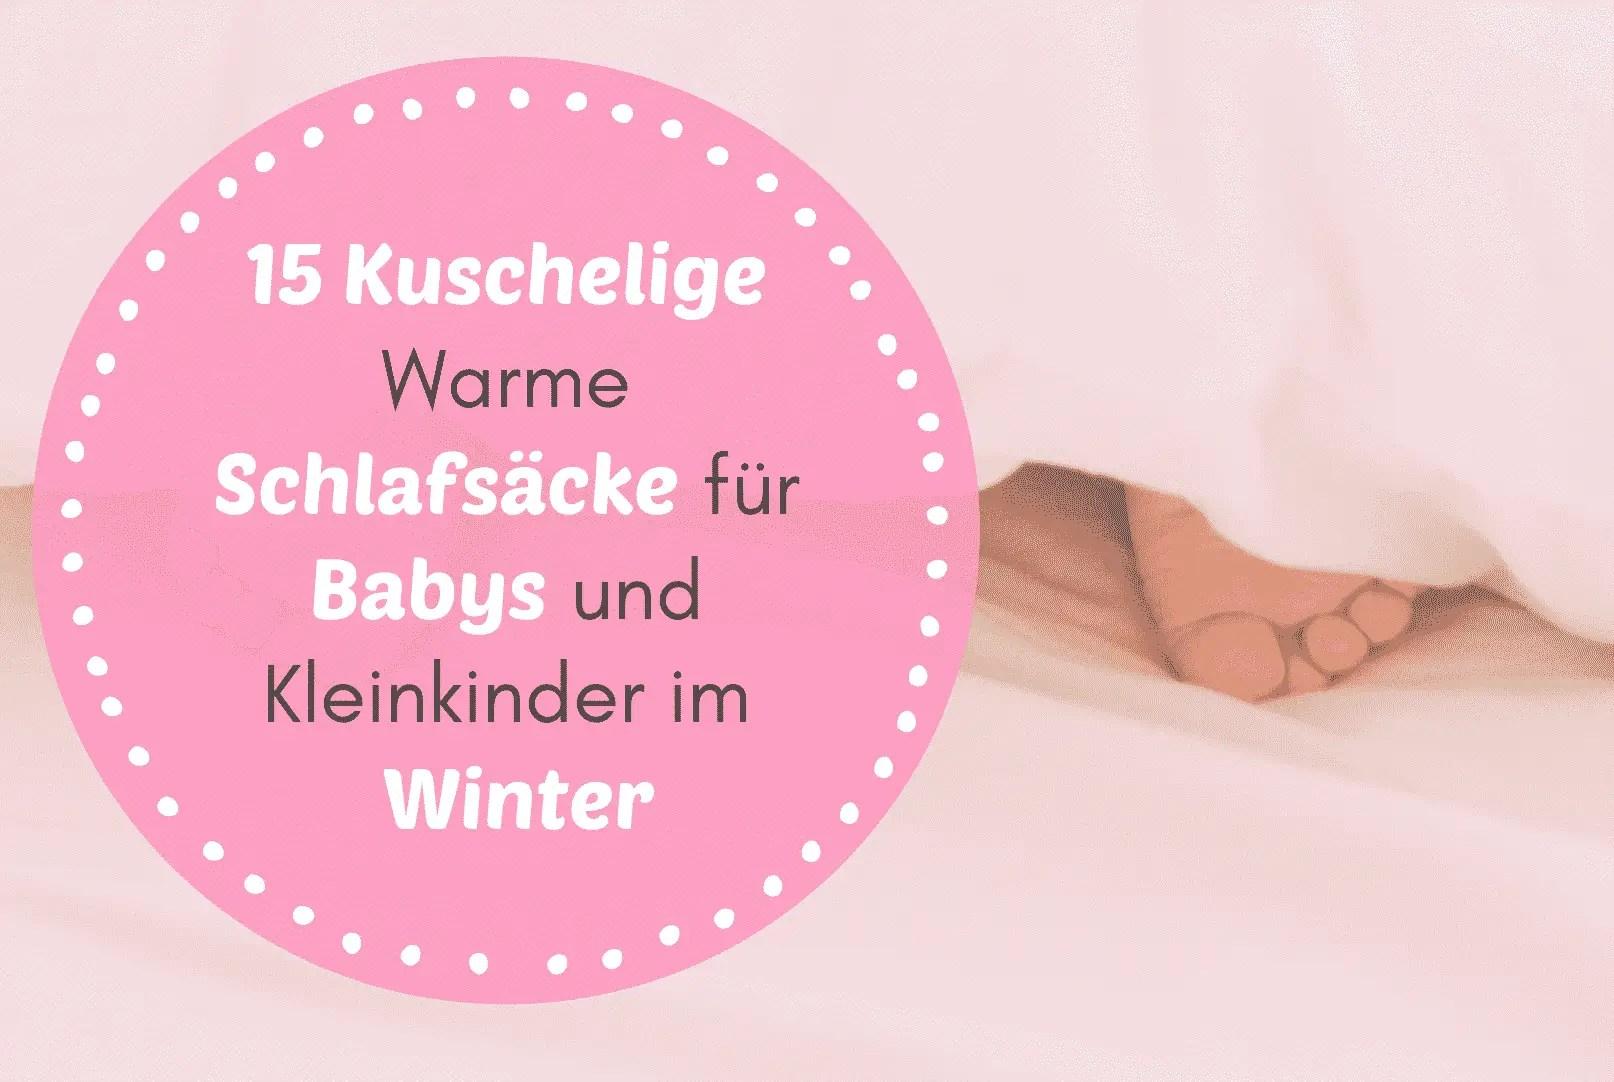 Finde den richtigen Schlafsack für kalte Winternächte! Ob mit Ärmeln, Beinen oder Daunen - mit diesen süßen Motiven für Babys & Kleinkinder..